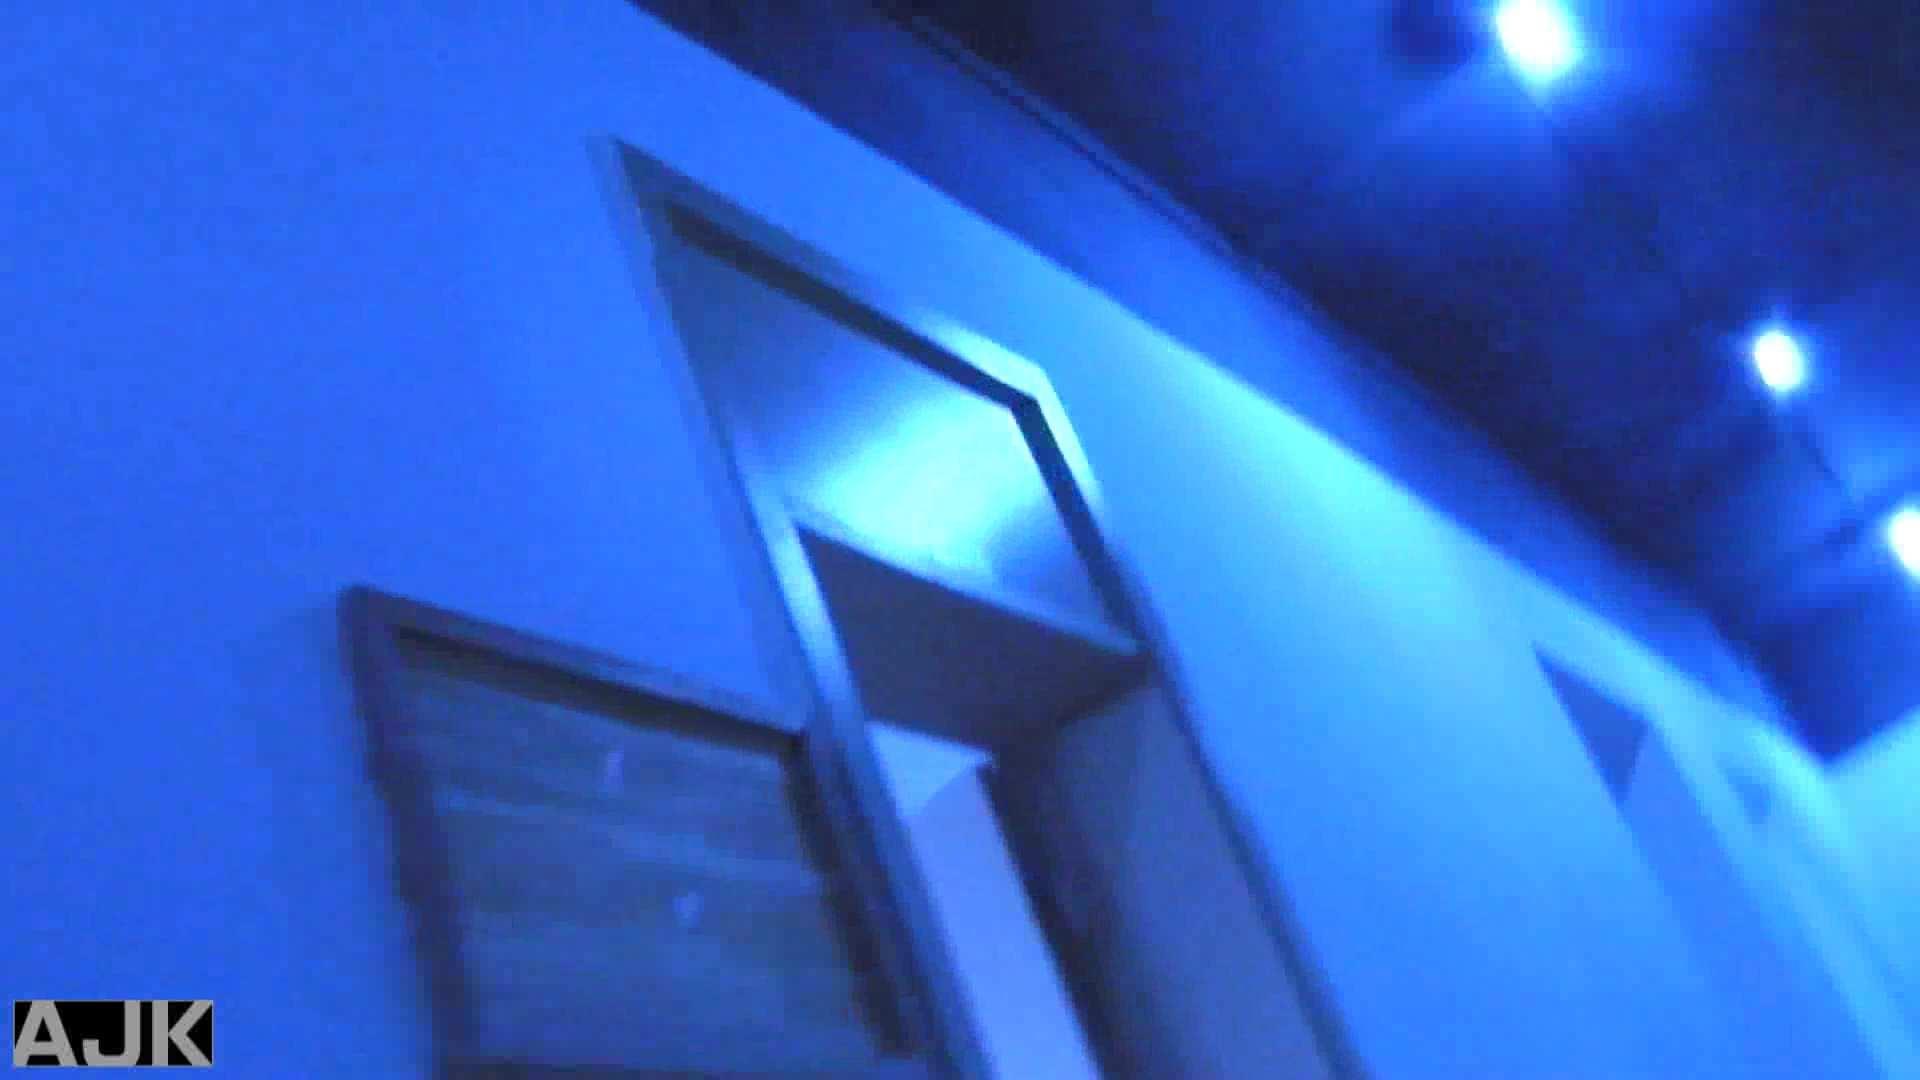 神降臨!史上最強の潜入かわや! vol.07 オマンコもろ 濡れ場動画紹介 83PIX 64